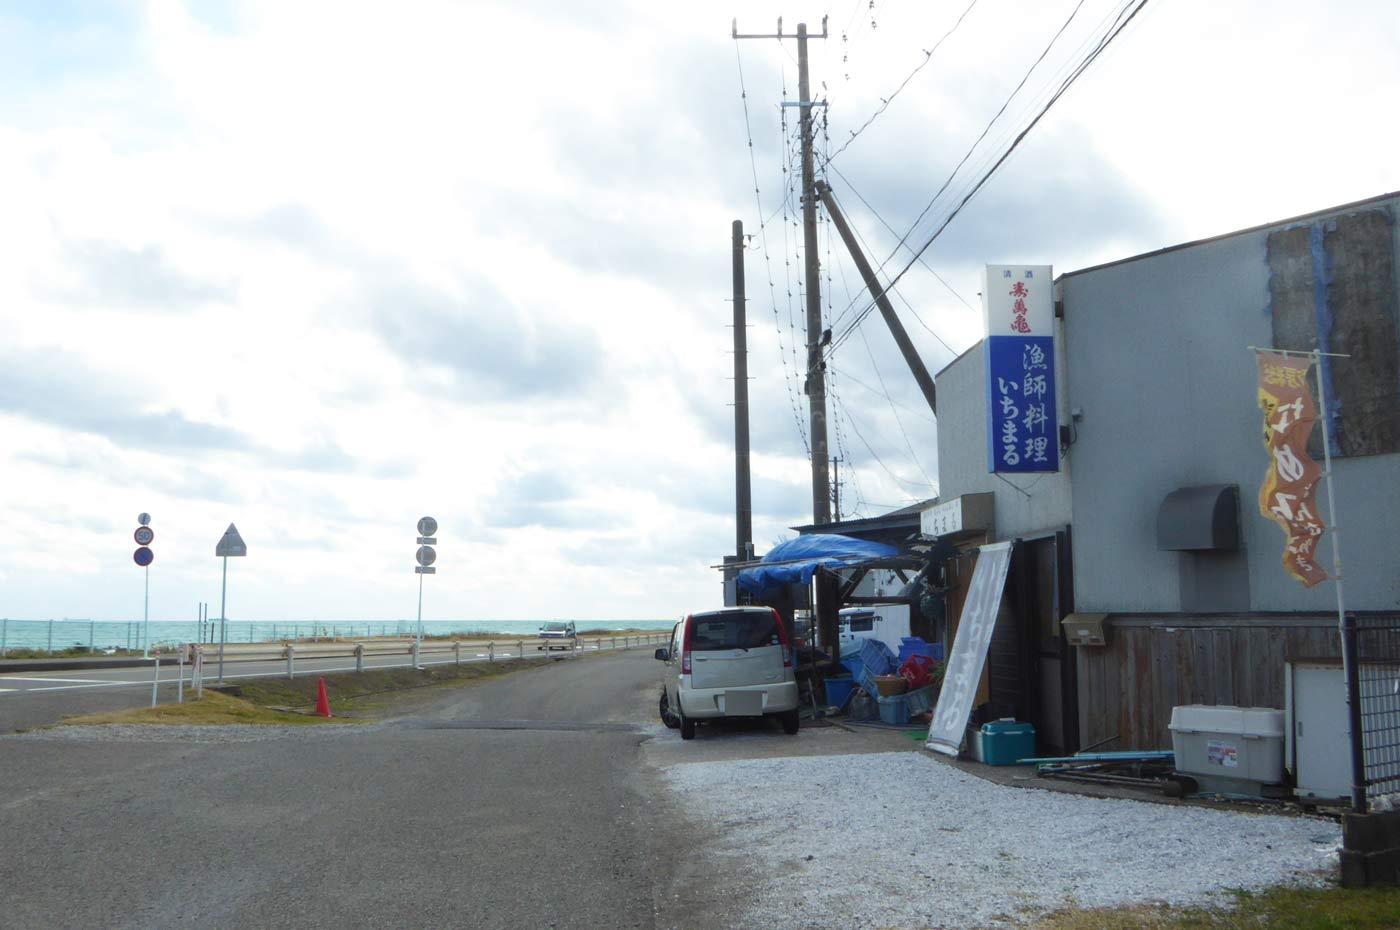 漁師料理いちまるの店舗の画像